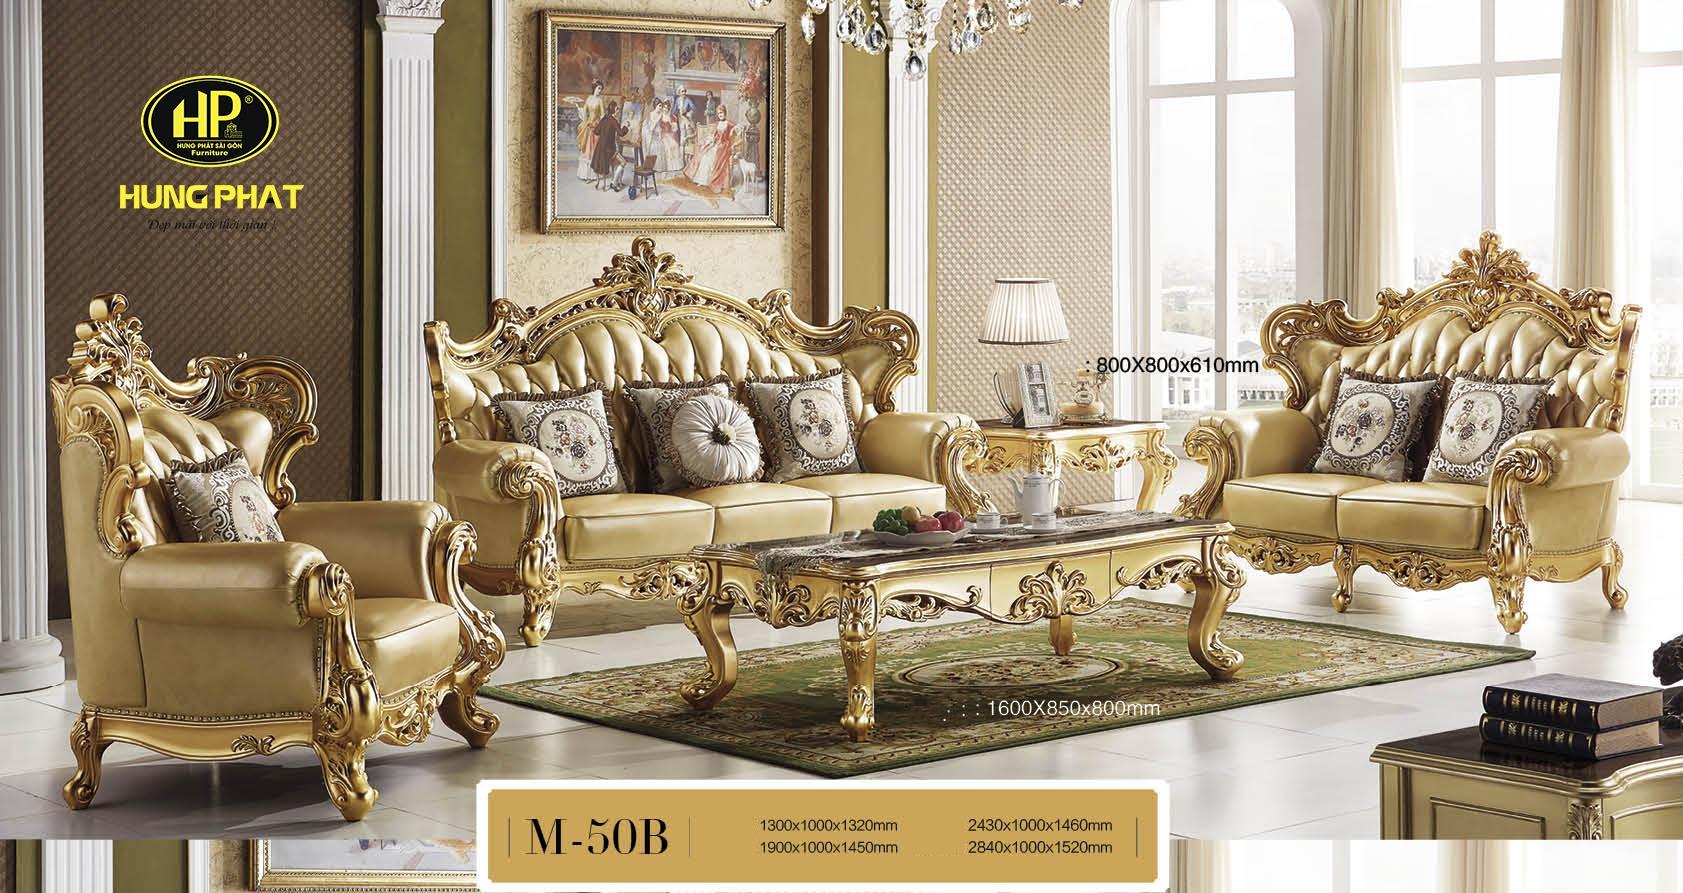 Mẫu sofa với vẻ đẹp sang trọng, thể hiện đẳng cấp của gia chủ